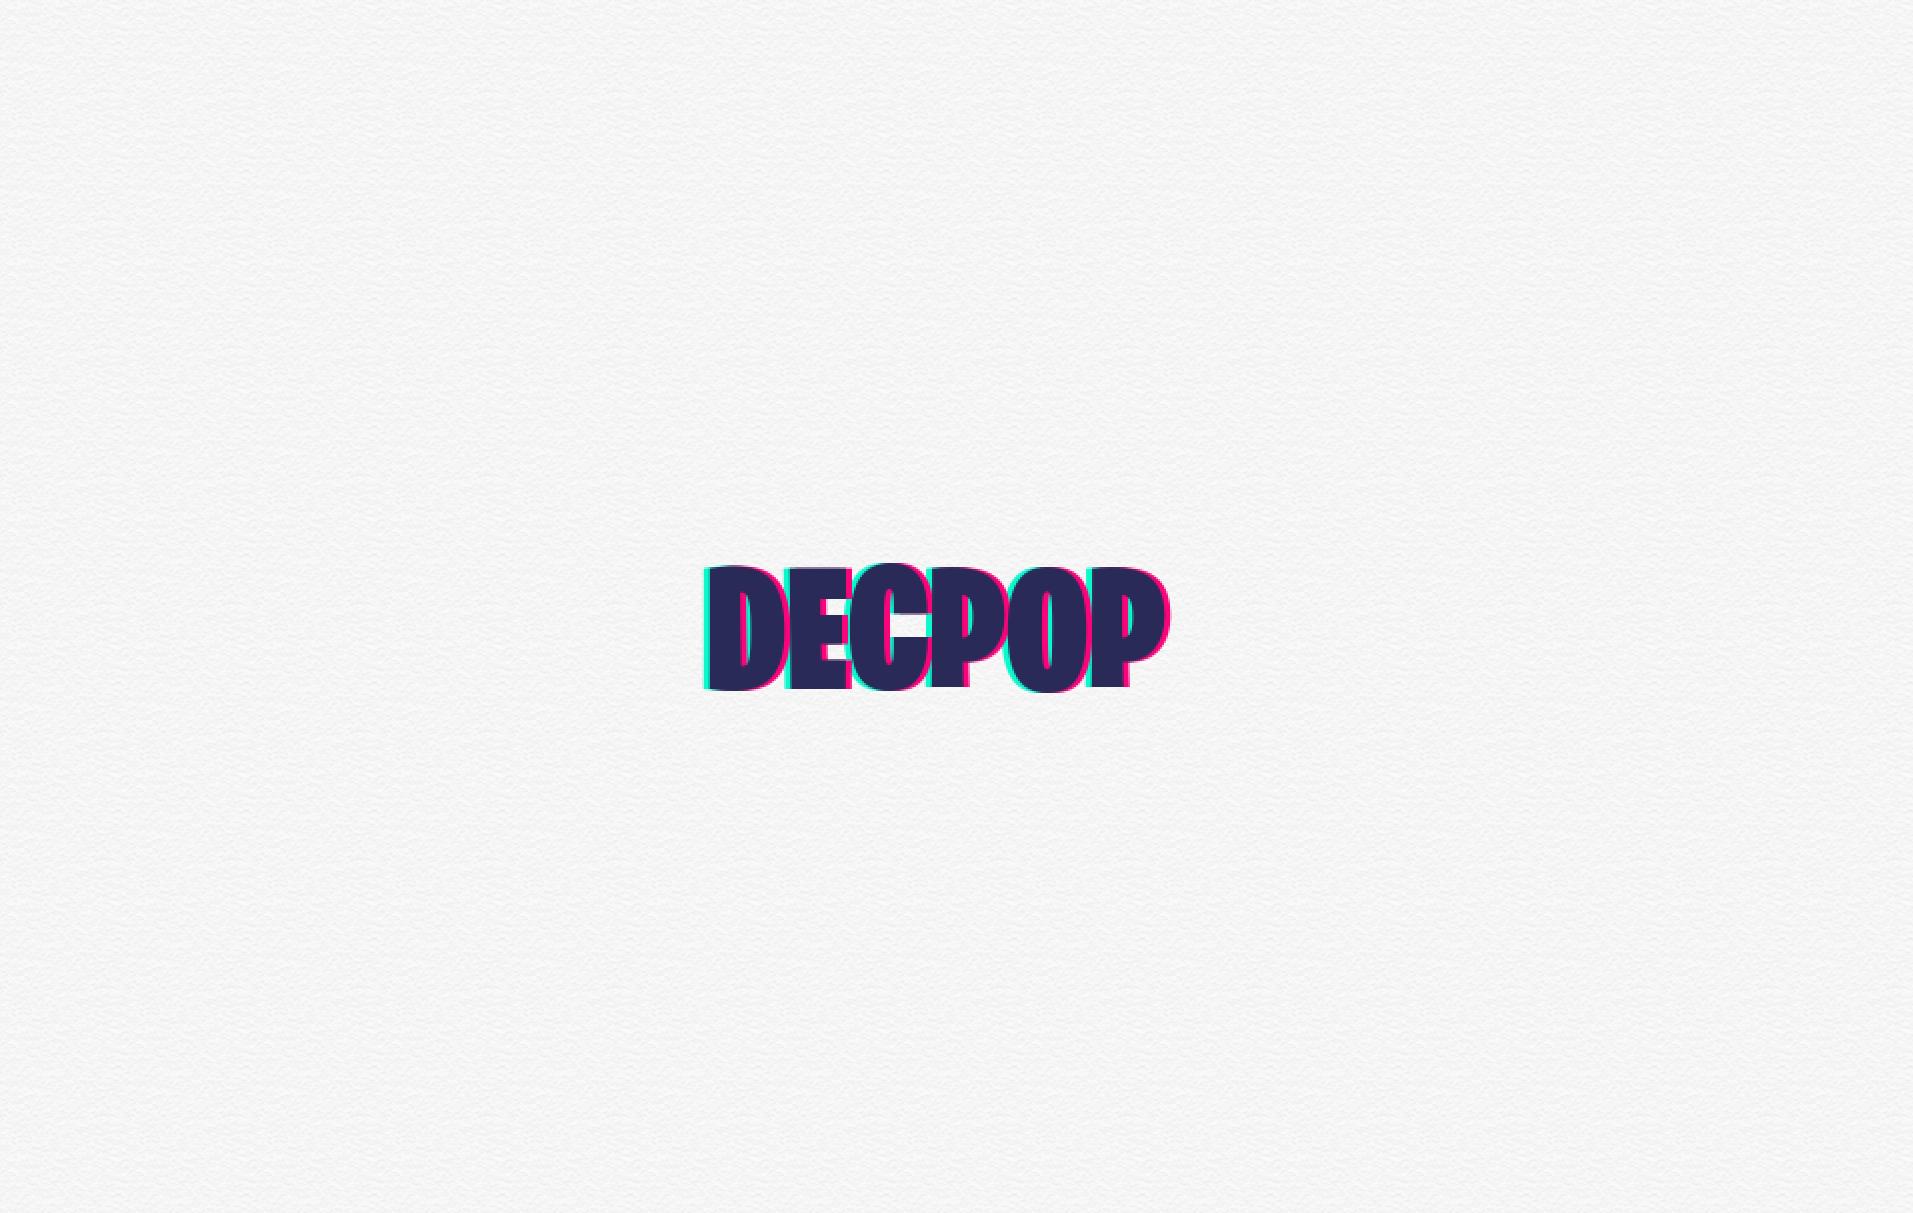 decpop game